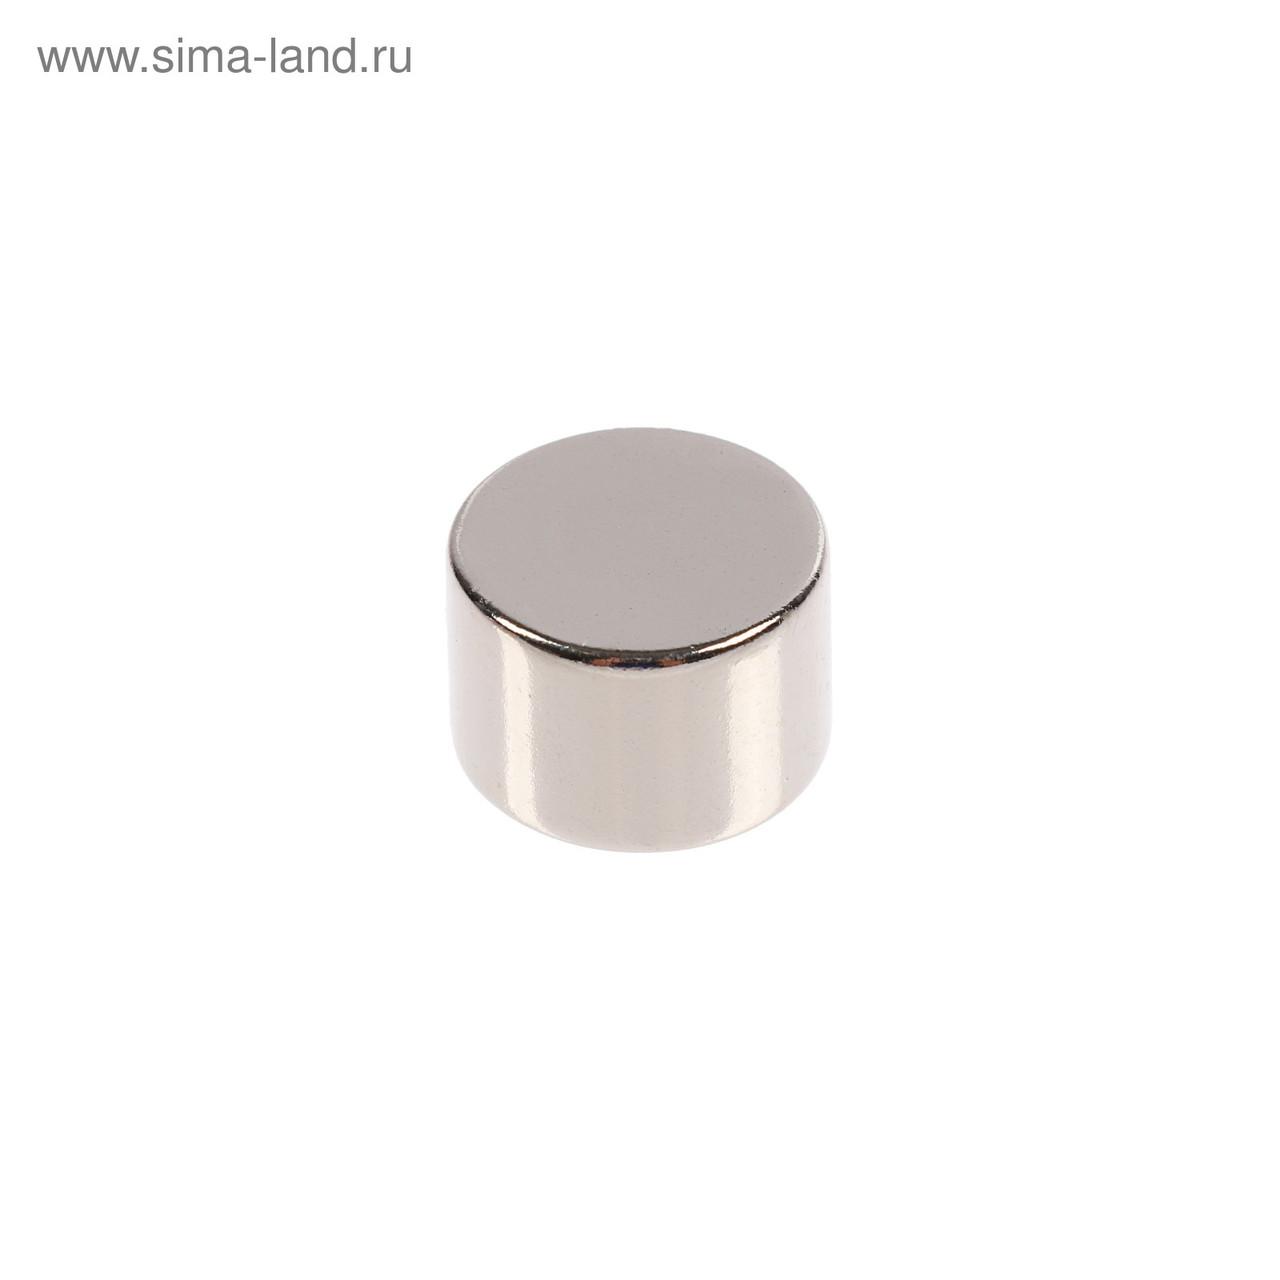 Неодимовый магнит 12 * 10 мм